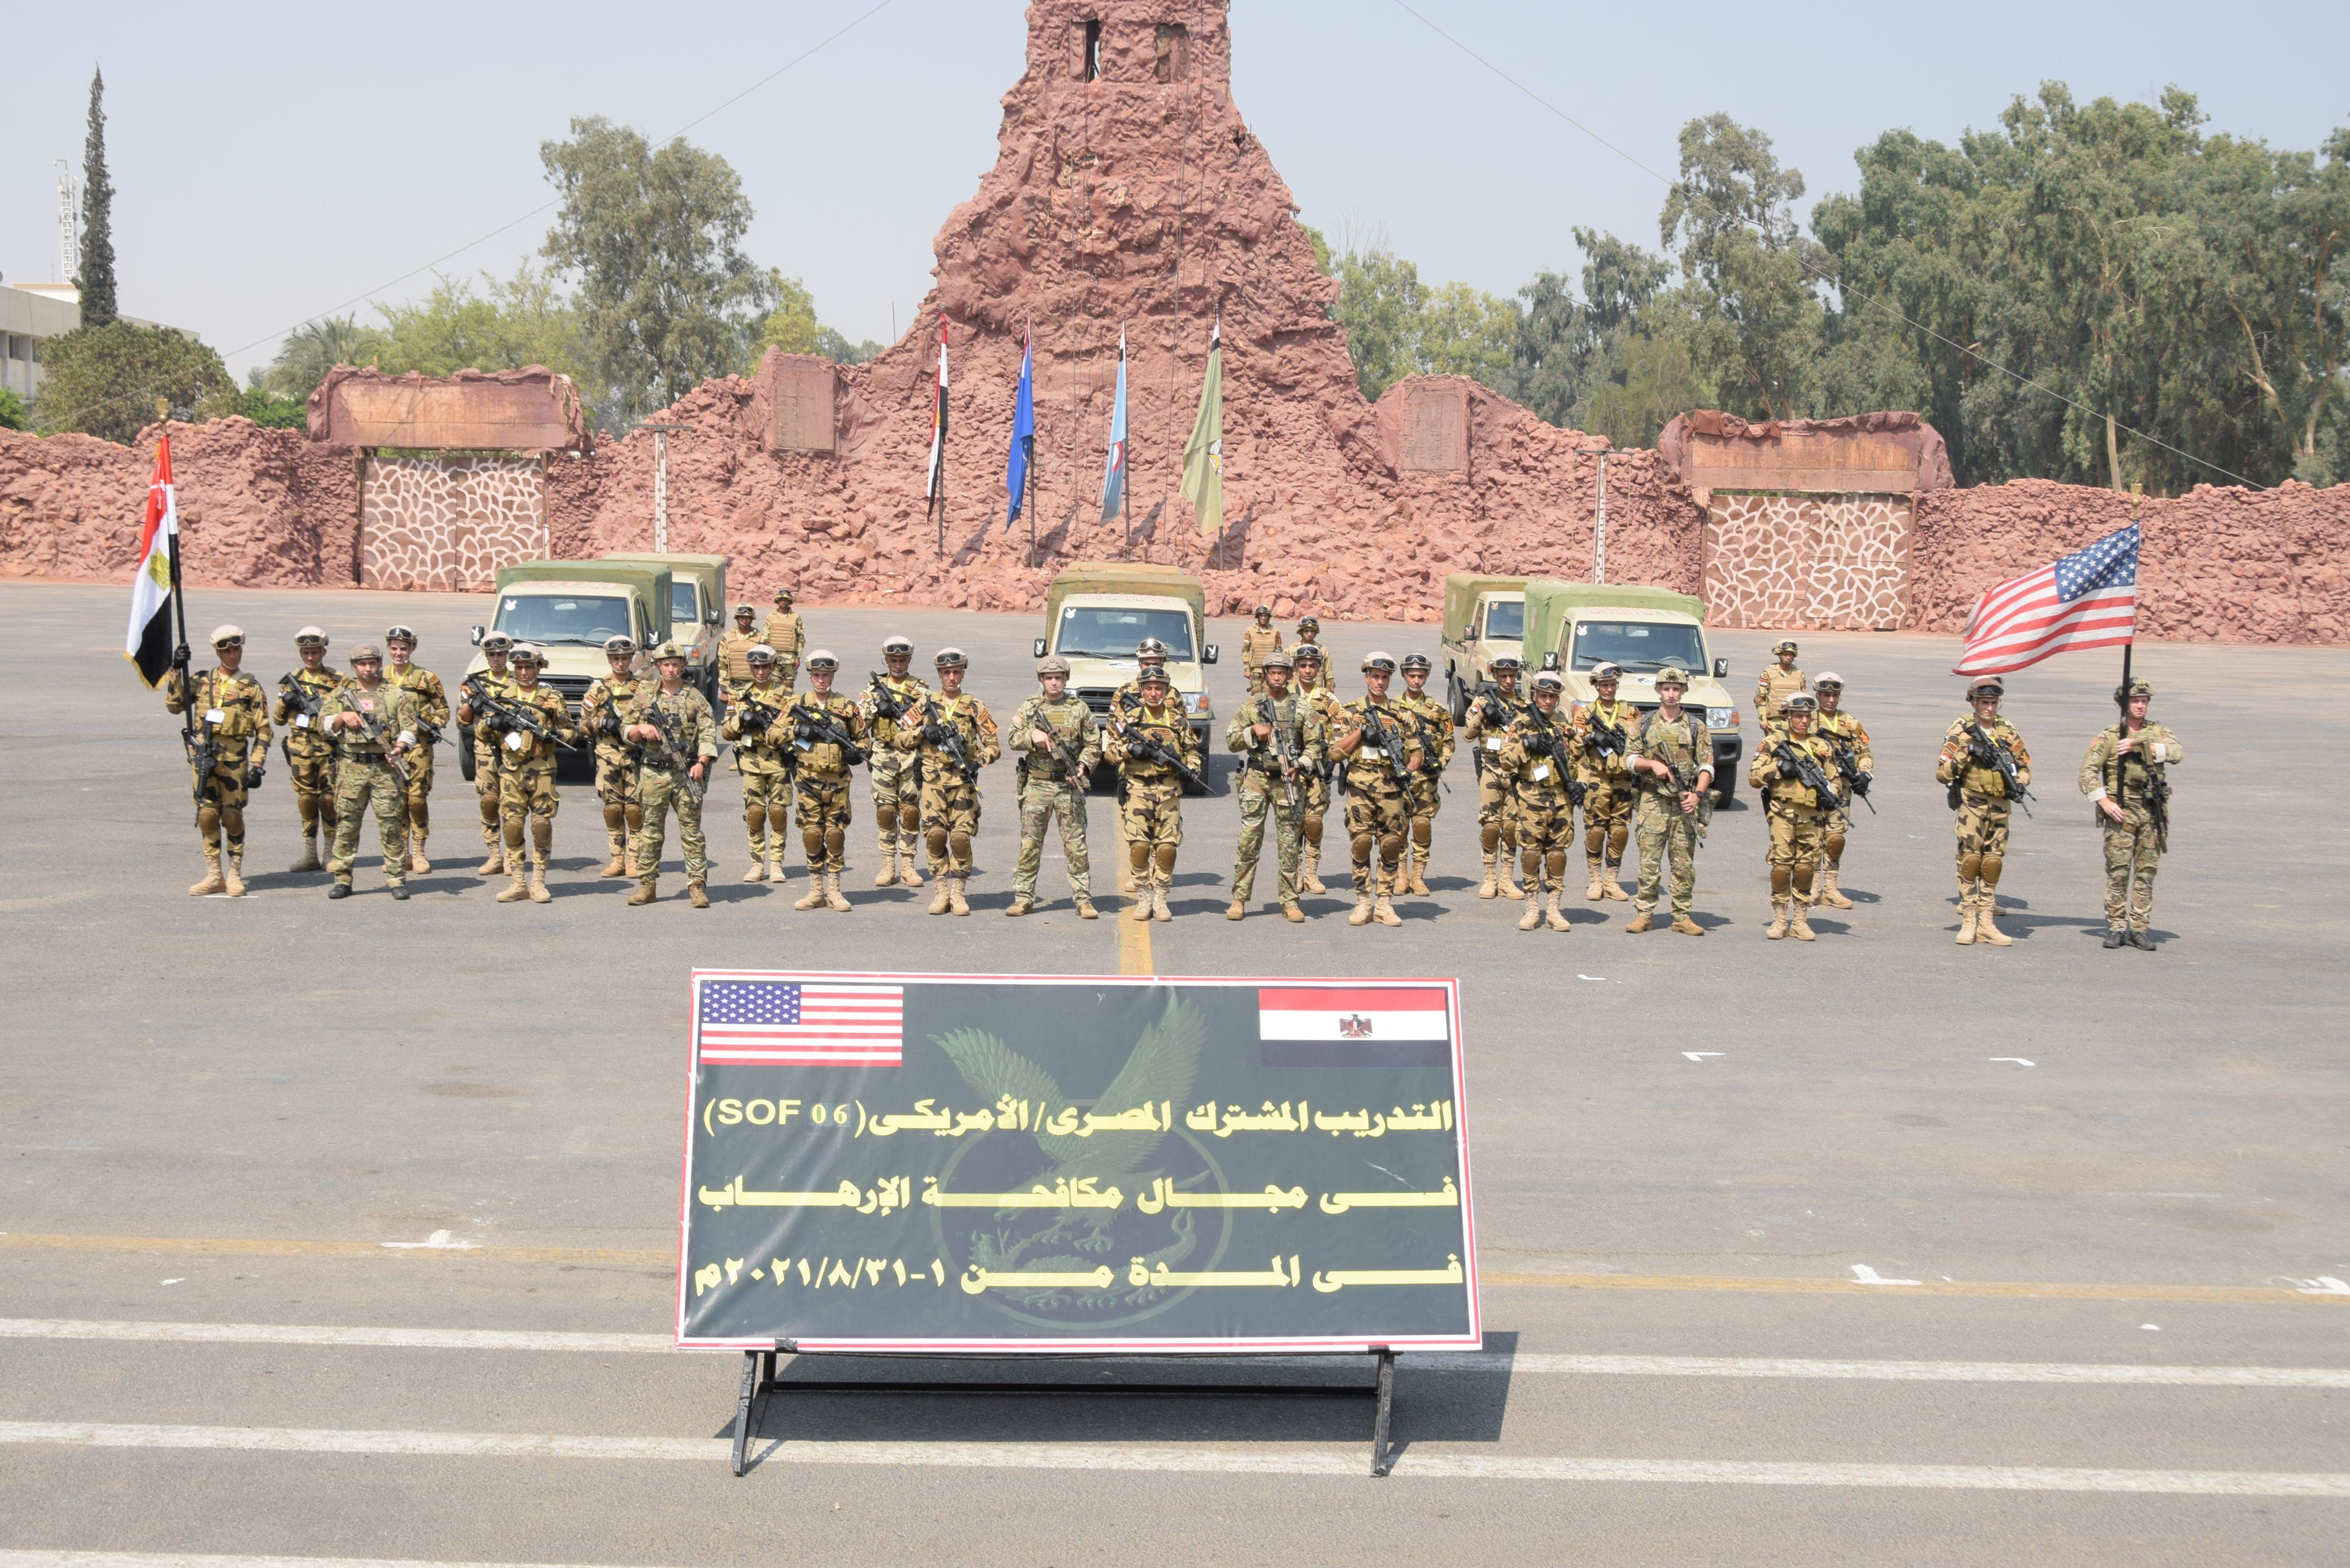 صور| اختتام فعاليات التدريب المصري الأمريكي المشترك لمكافحة الإرهاب